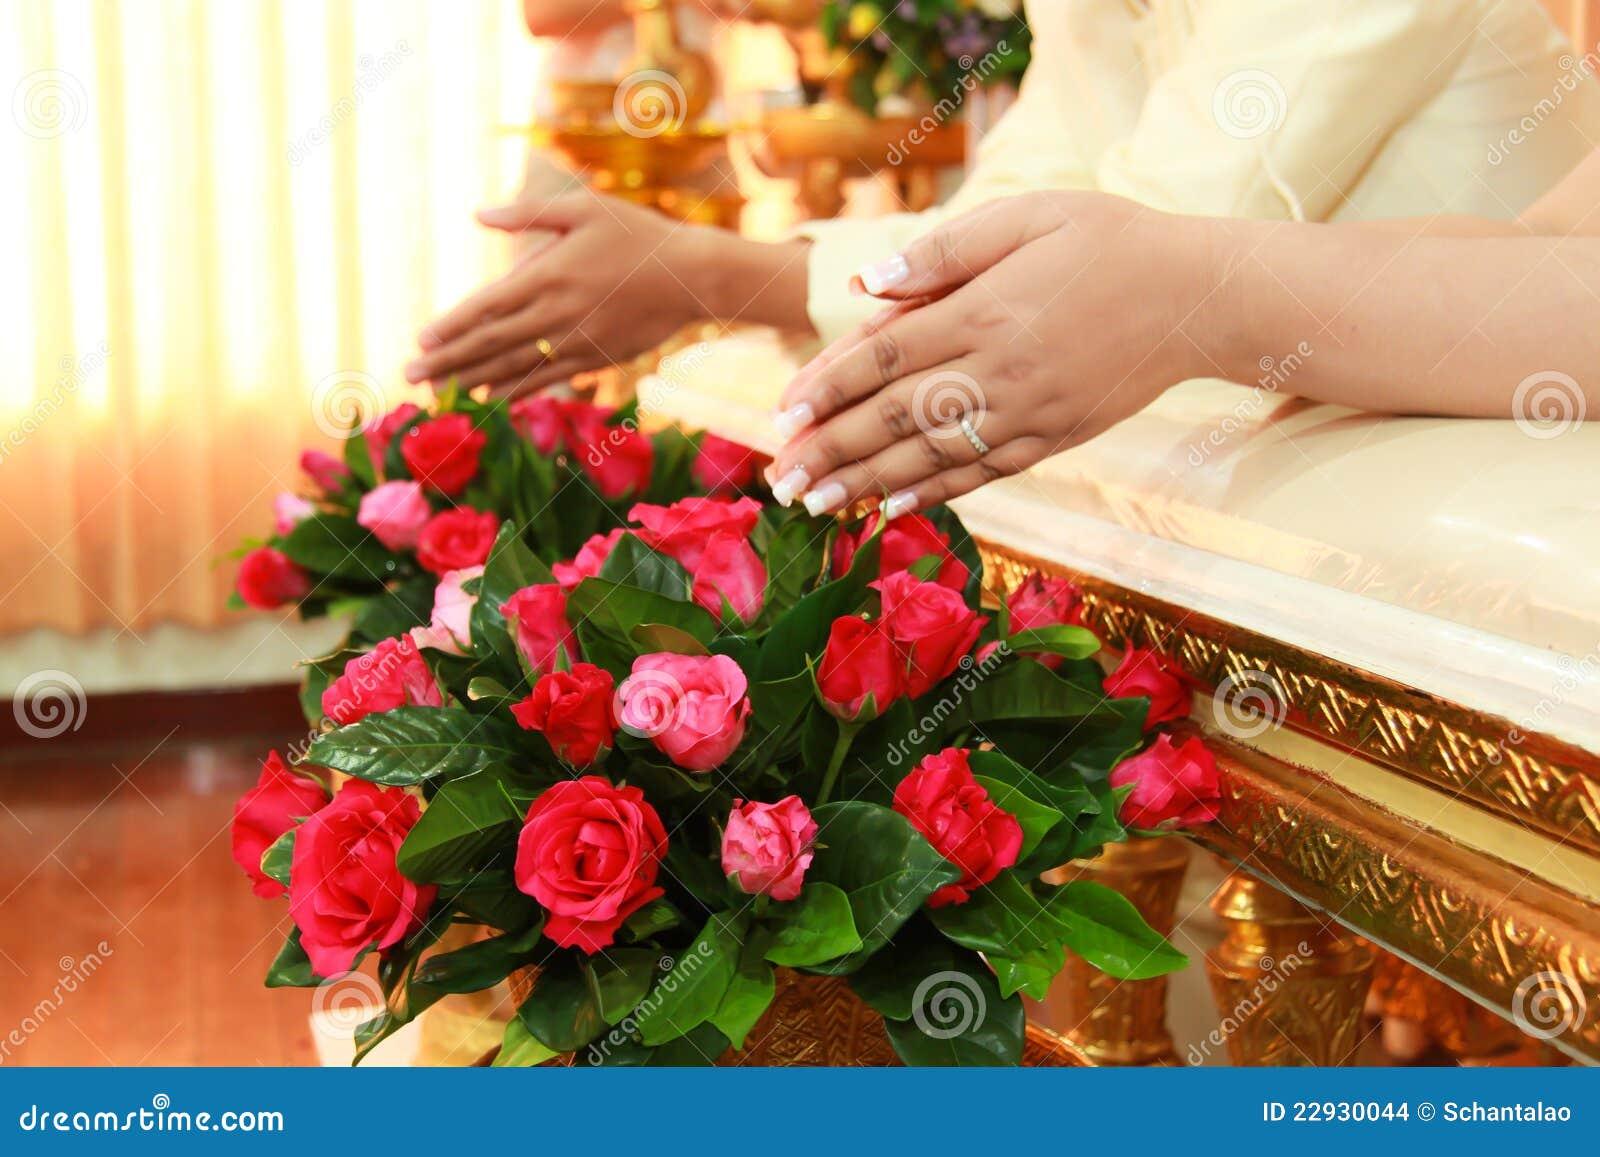 Thai Wedding Ceremony Stock Images